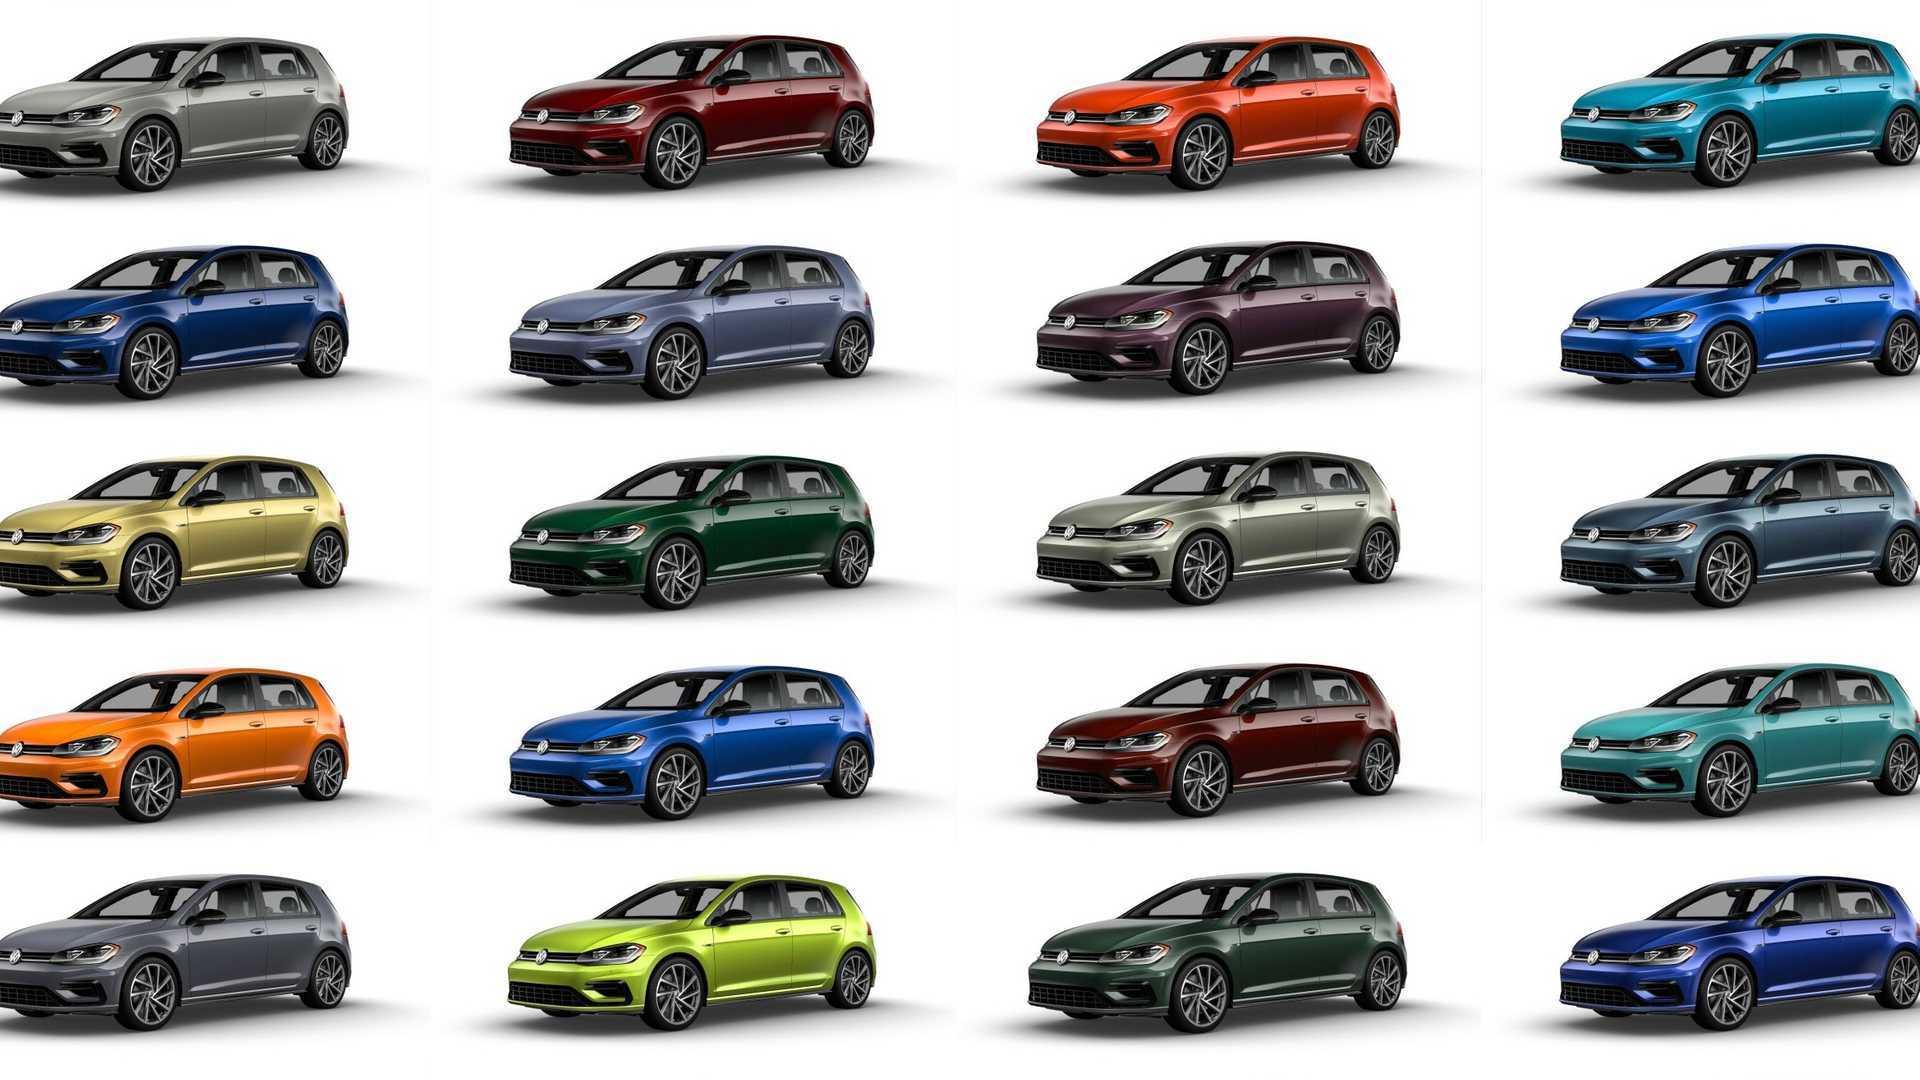 Il colore dell'auto? Uomini e donne scelgono gli stessi